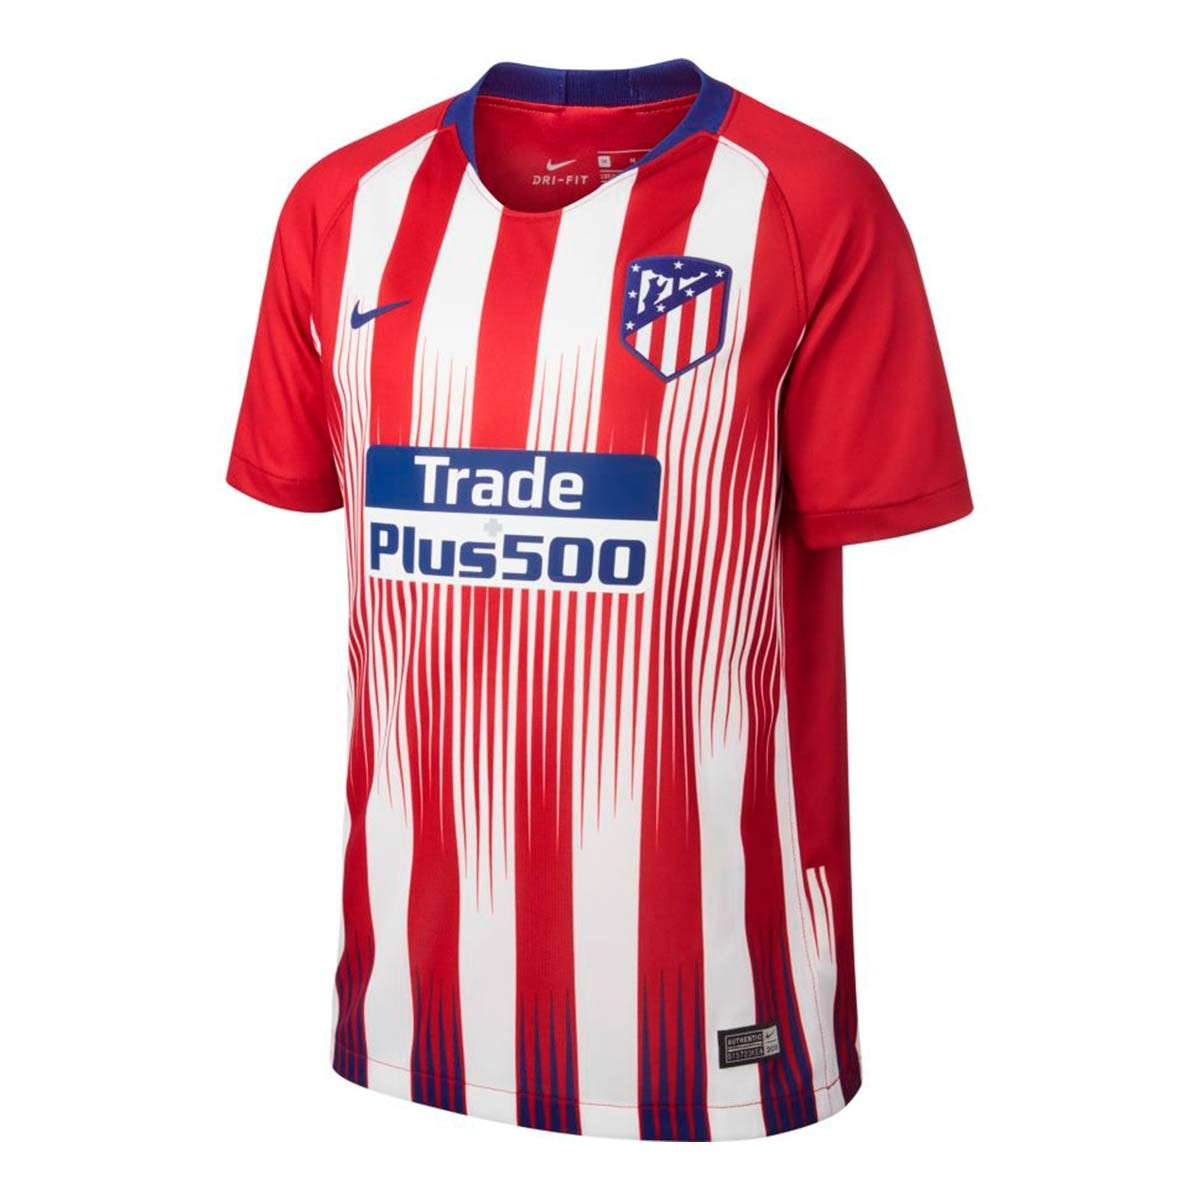 5de571a547 Camiseta Nike Atlético de Madrid Stadium Primera Equipación 2018-2019 Niño  Sport red-White-Deep royal blue - Tienda de fútbol Fútbol Emotion